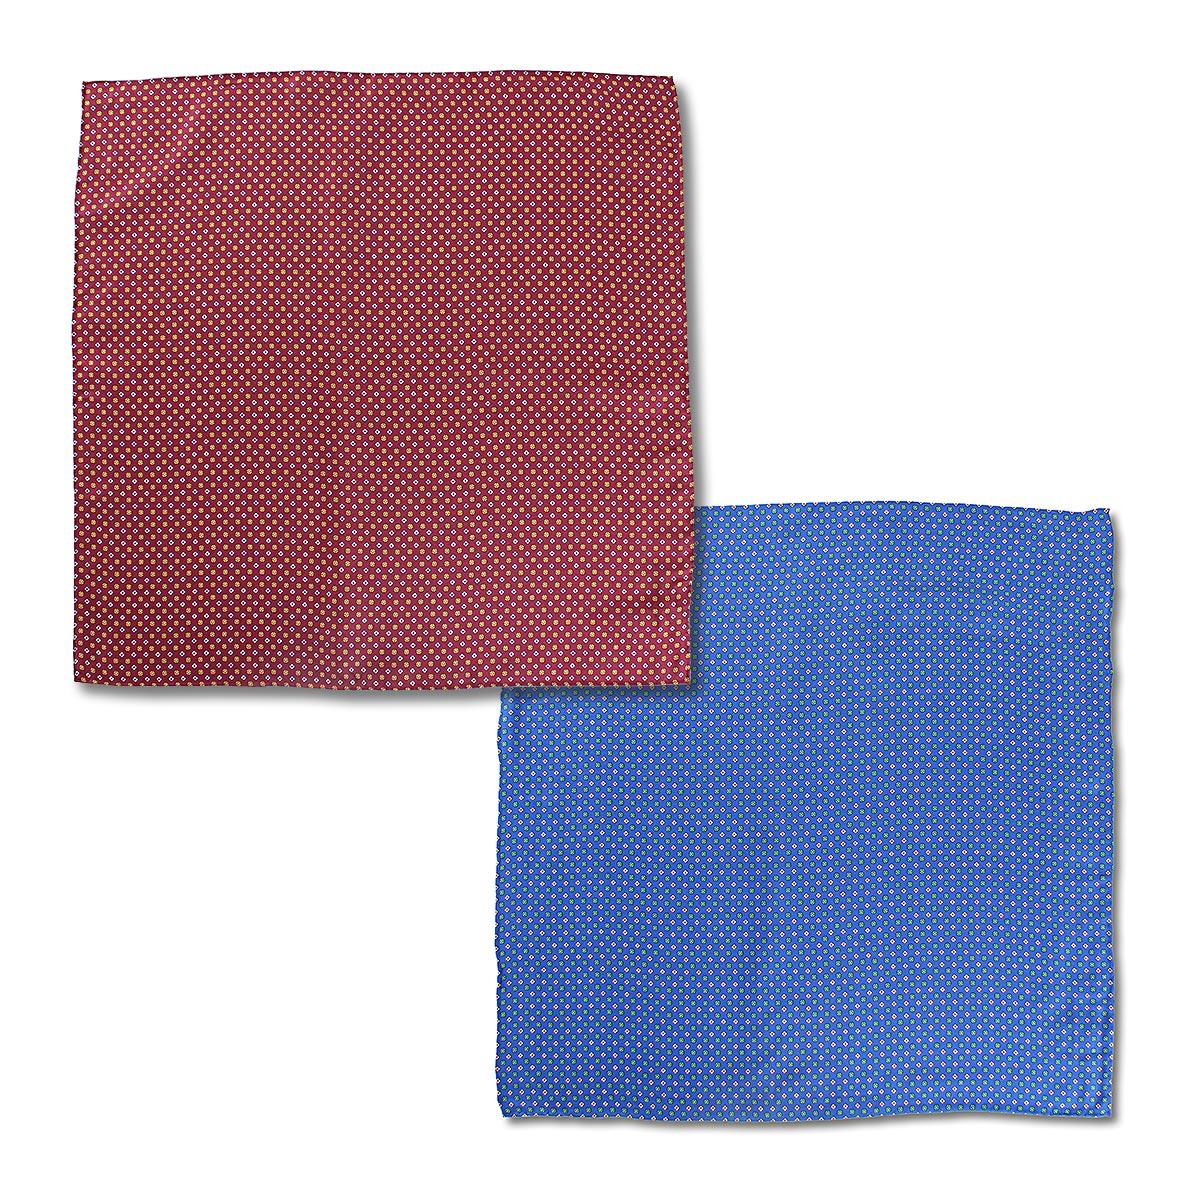 安い 公式サイト 激安 プチプラ 高品質 肌触りがとても滑らかなイタリアシルク 日本で縫製した上質なスカーフ イタリアプリントシルクスカーフ ワインレッド ブルー 小花柄